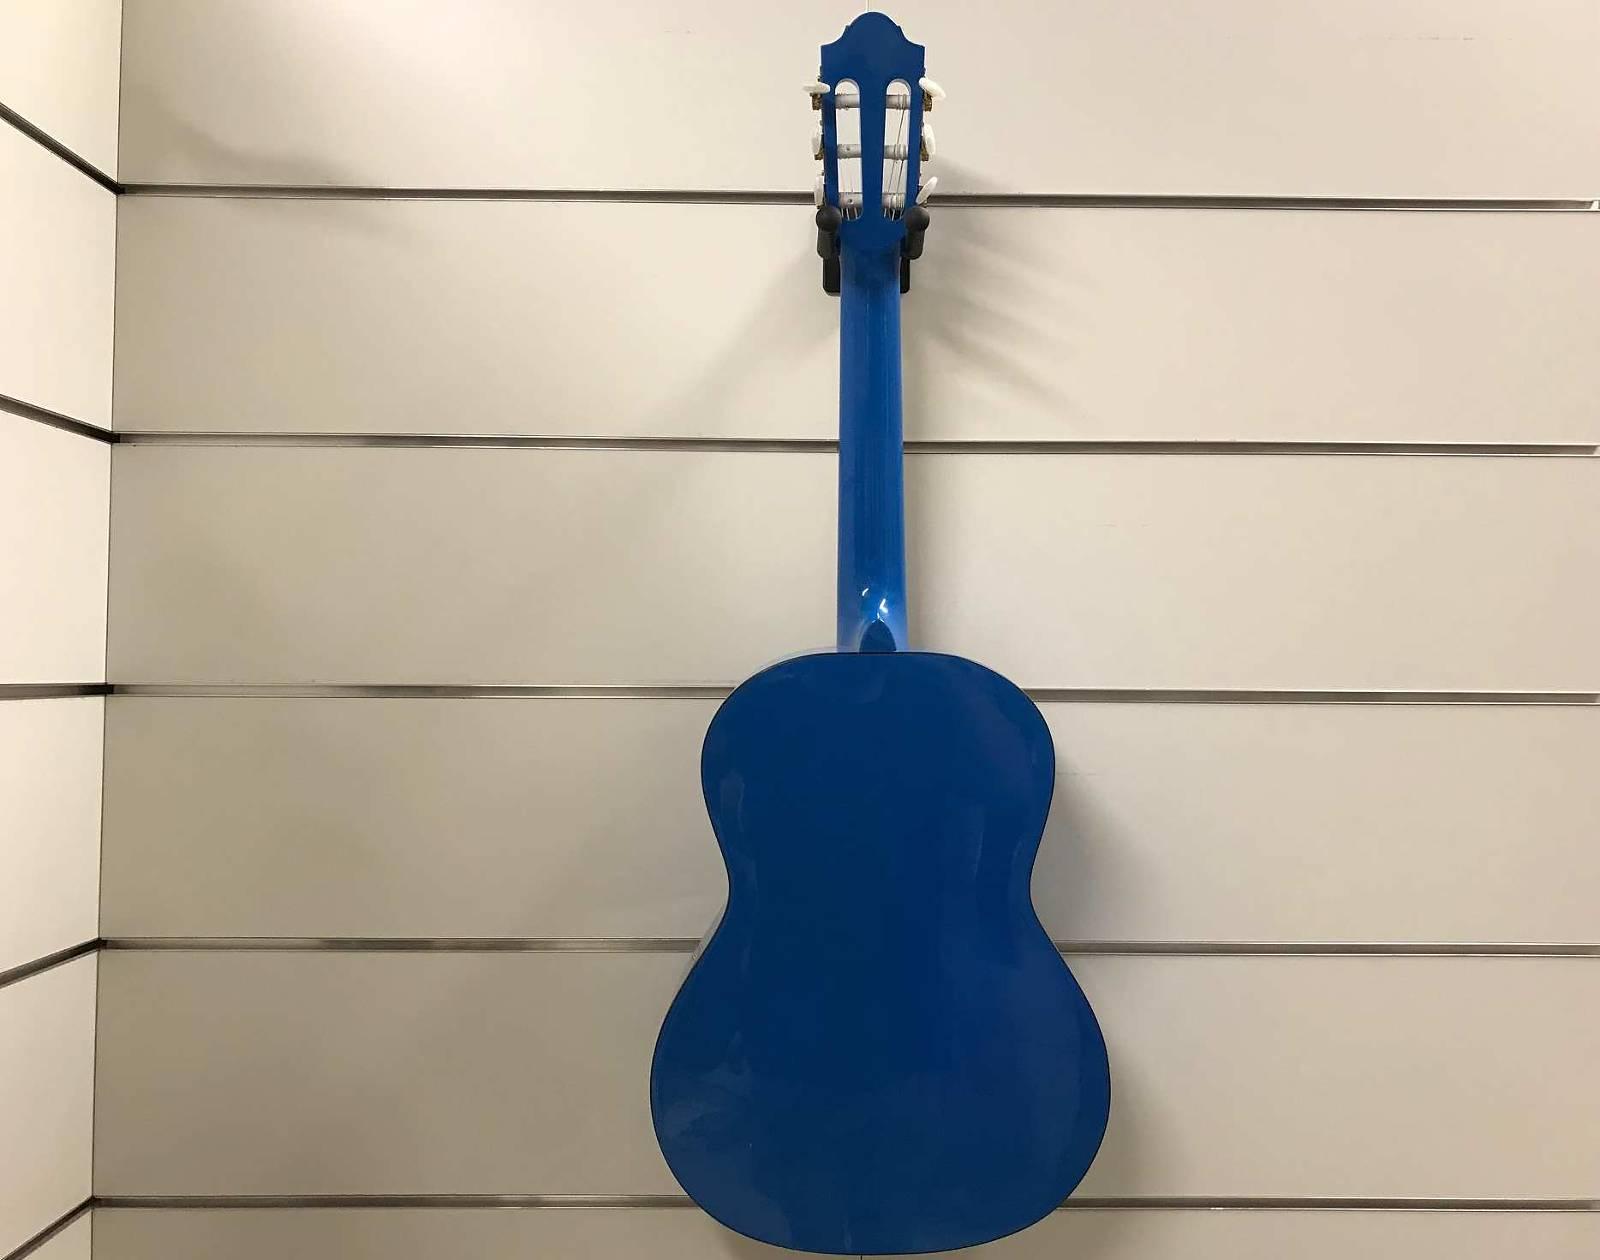 Pro Natura Konzertgitarre Silver 3/4 Blau